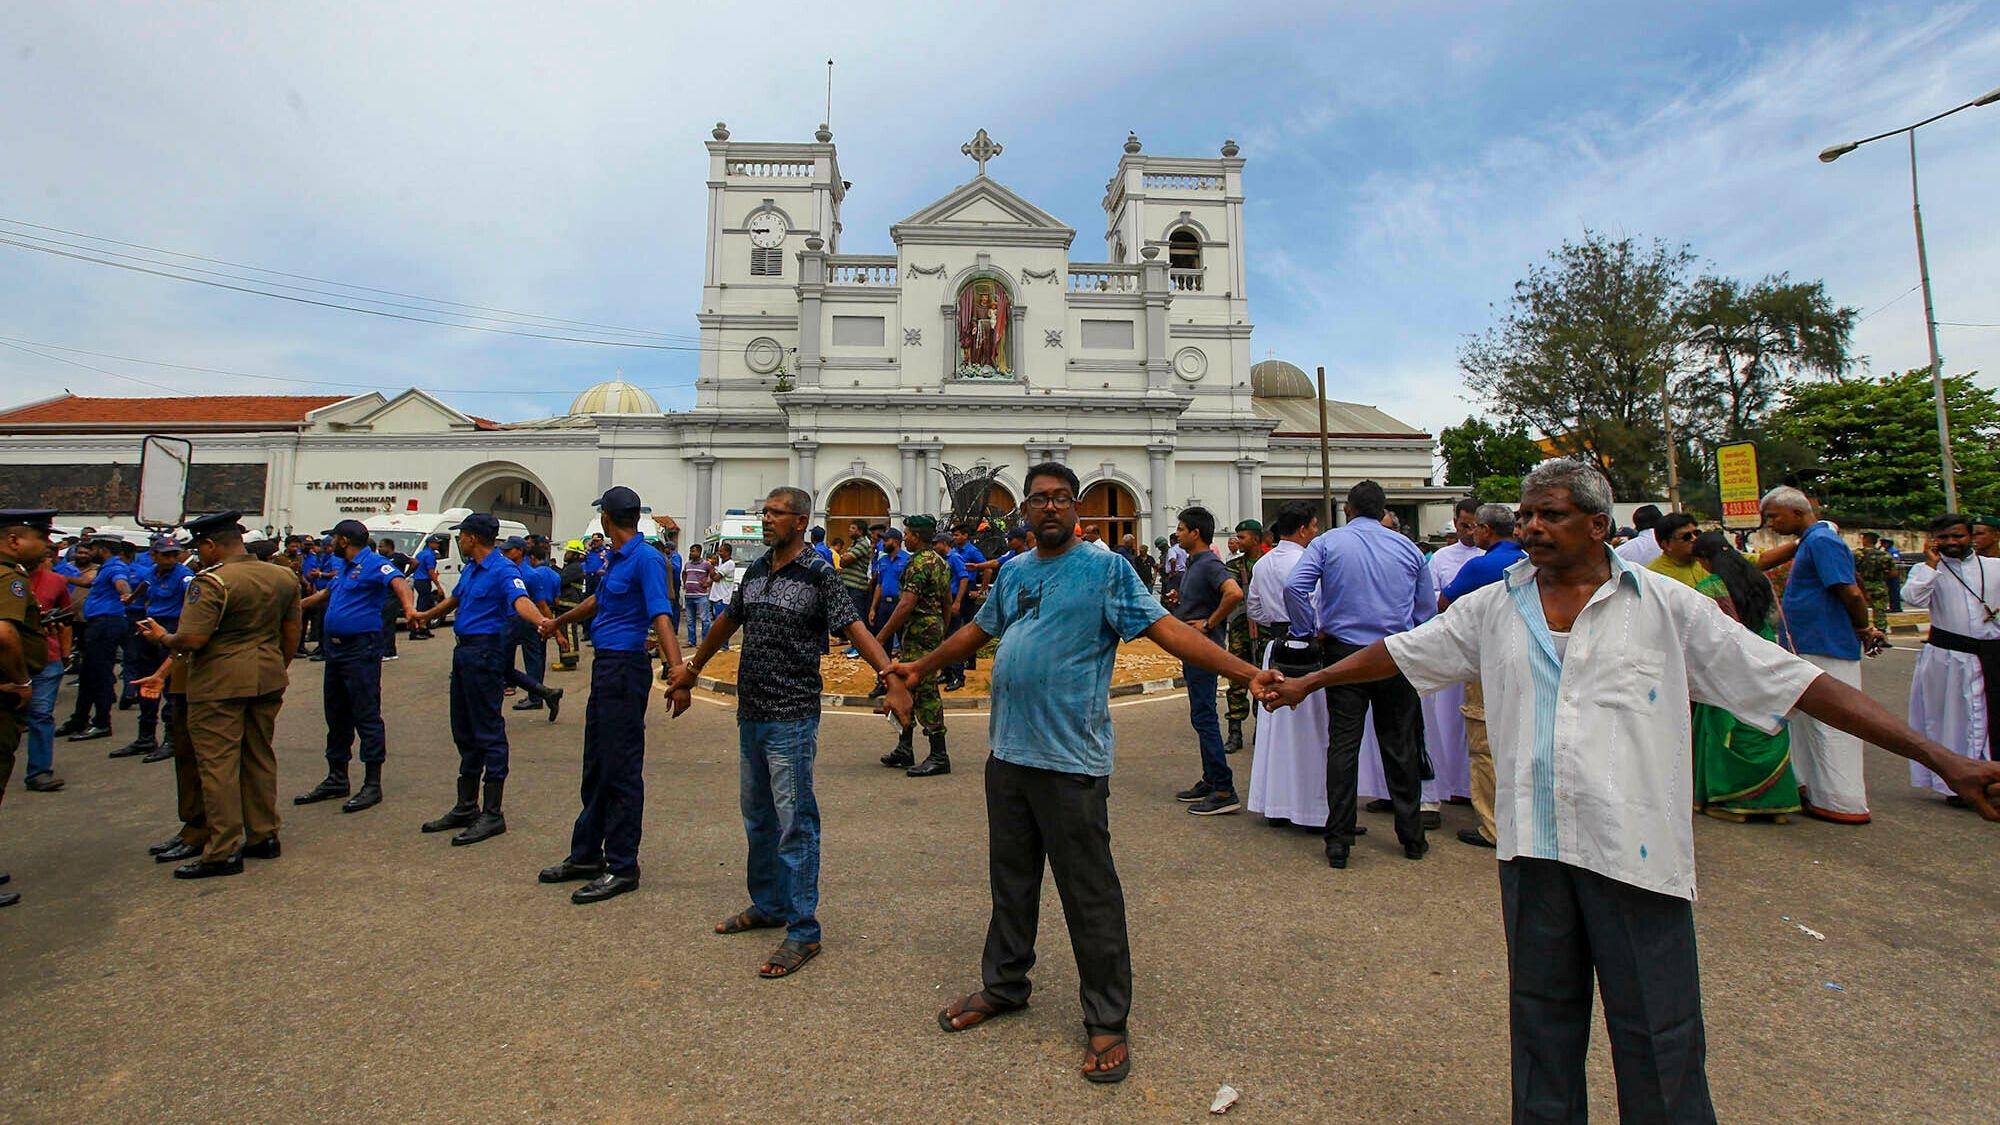 Sri Lanka's Christians Under Attack on Easter